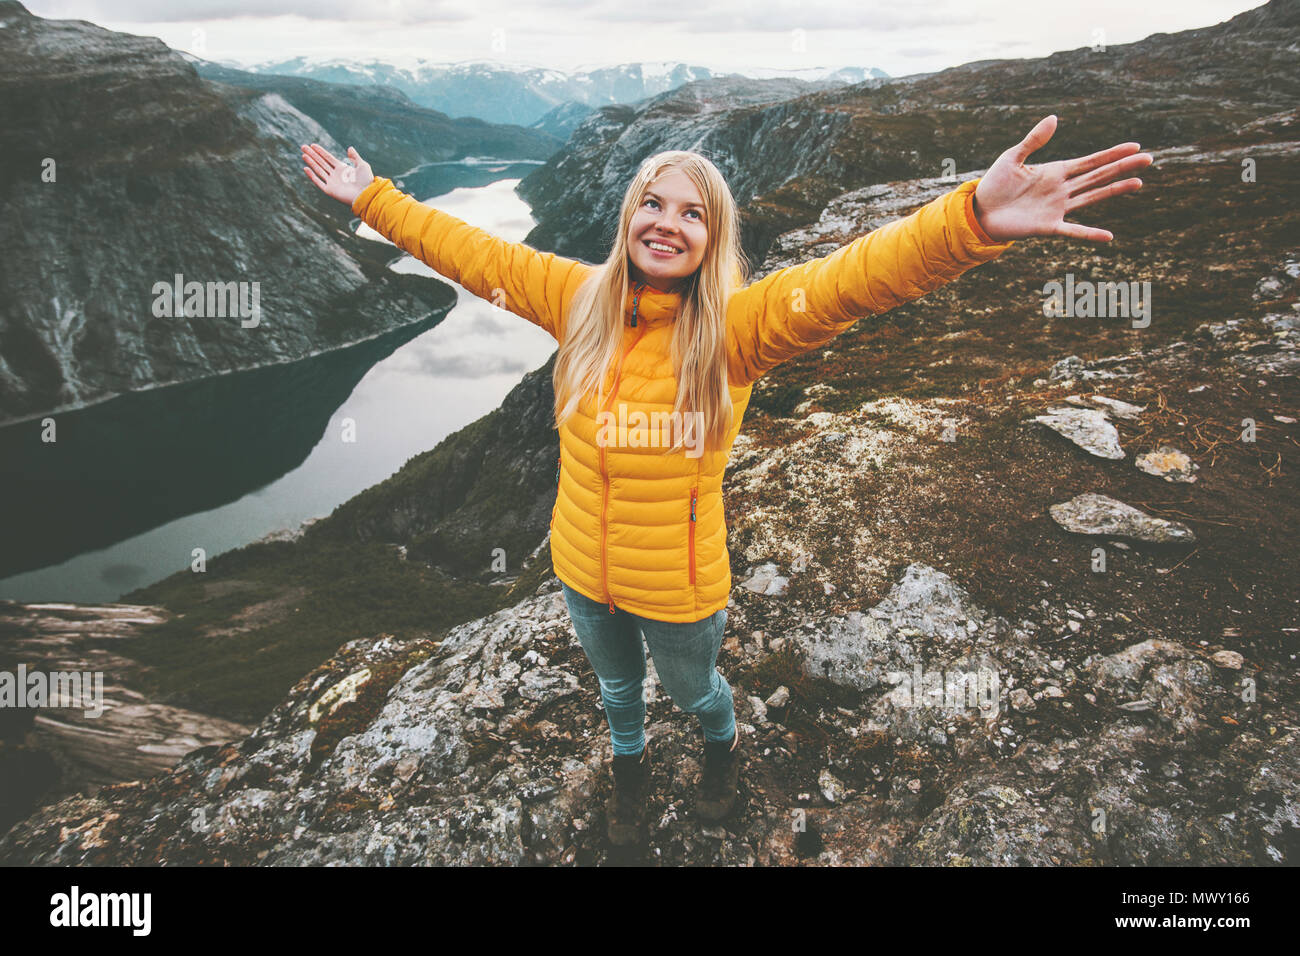 Happy girl succès mains posées debout sur la montagne de la randonnée aventure vacances vie voyage escapade week-end en Norvège paysage lac aérienne Photo Stock